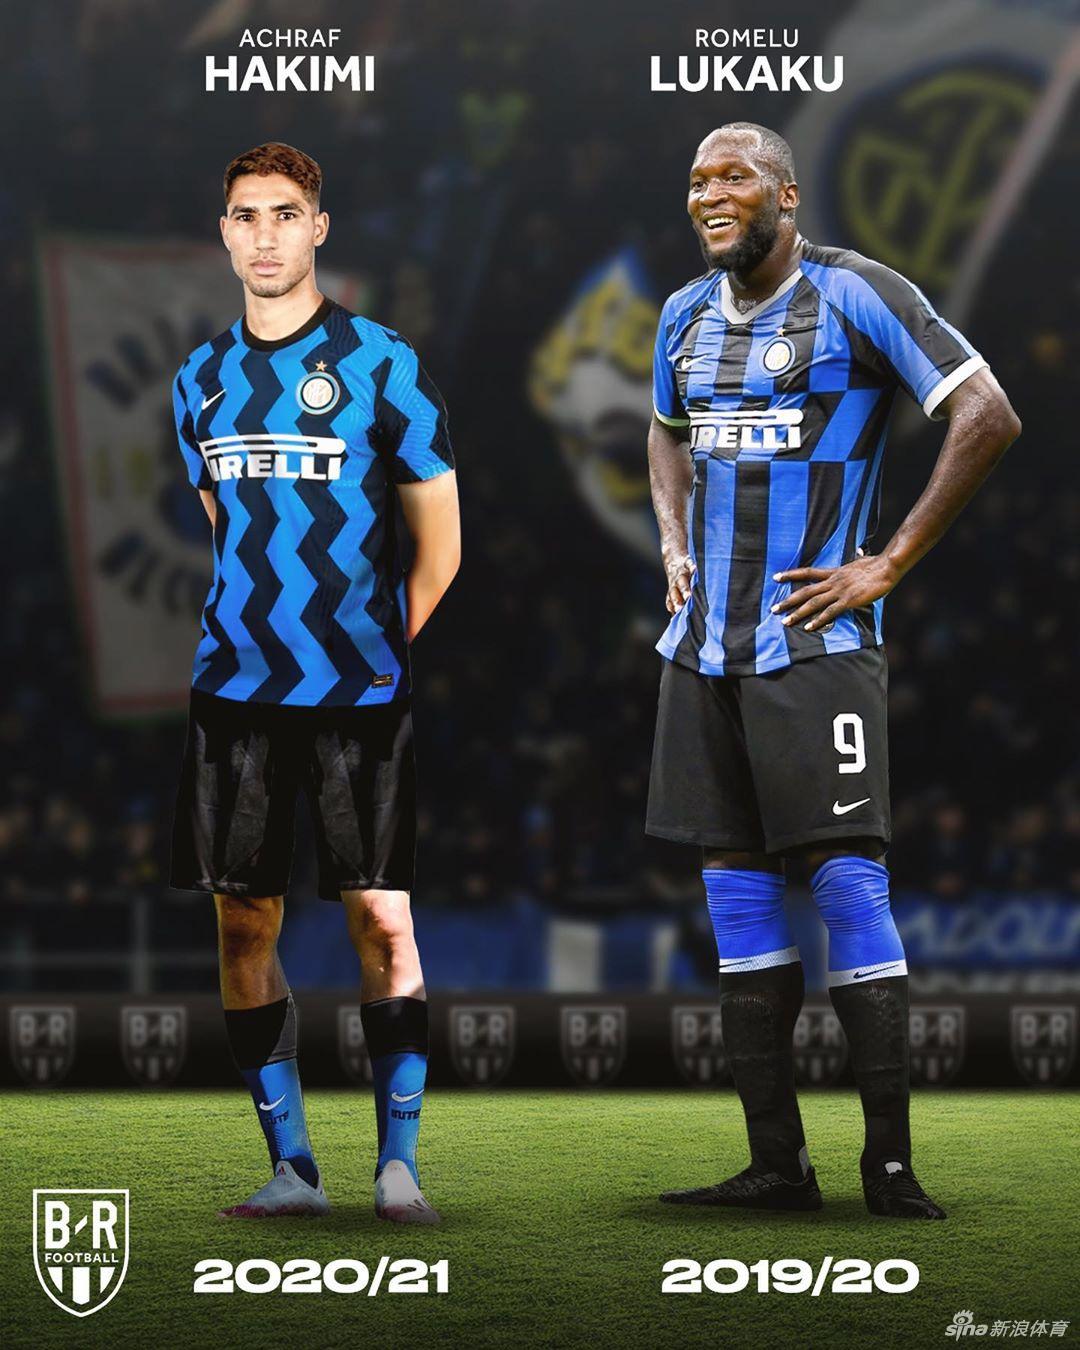 国际米兰近20年球衣变化图谱 从罗纳尔多到卢卡库